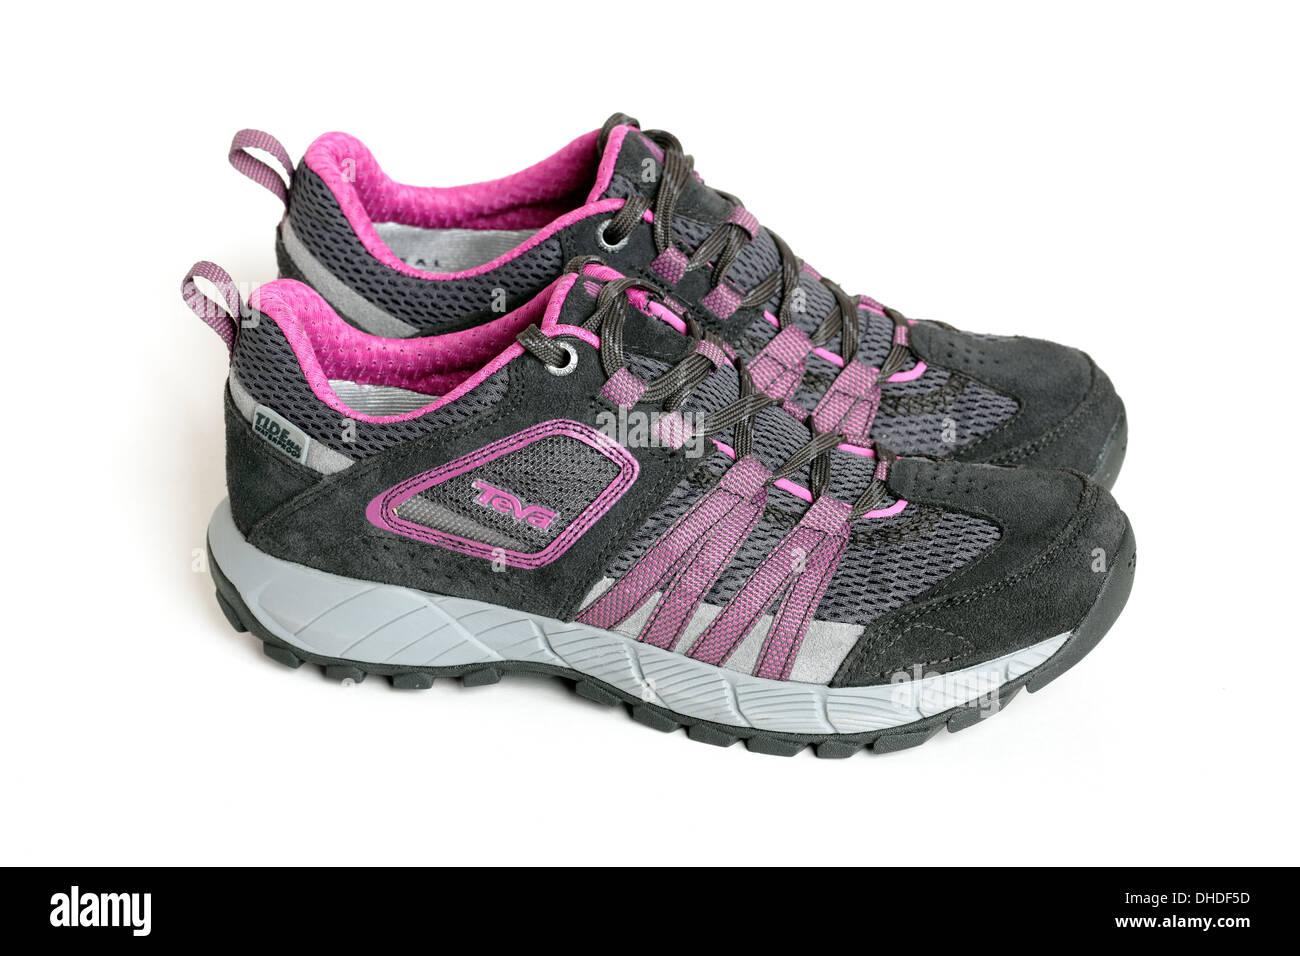 Una nuova coppia di Teva Wapta donna scarpe da passeggio, REGNO UNITO Immagini Stock